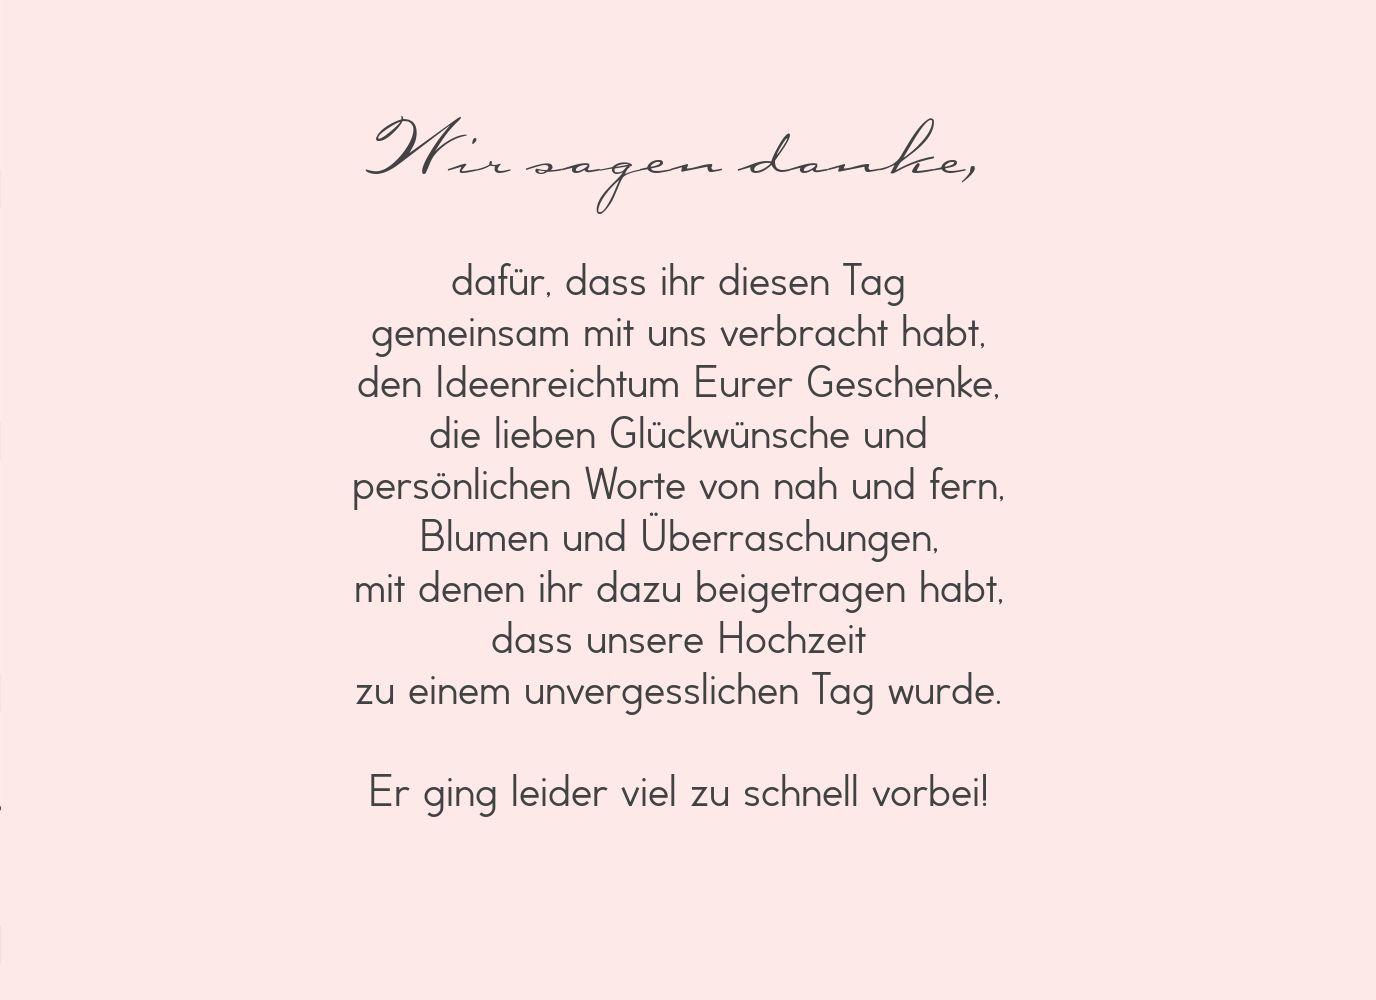 Ansicht 5 - Hochzeit Dankeskarte Pärchen - Frauen